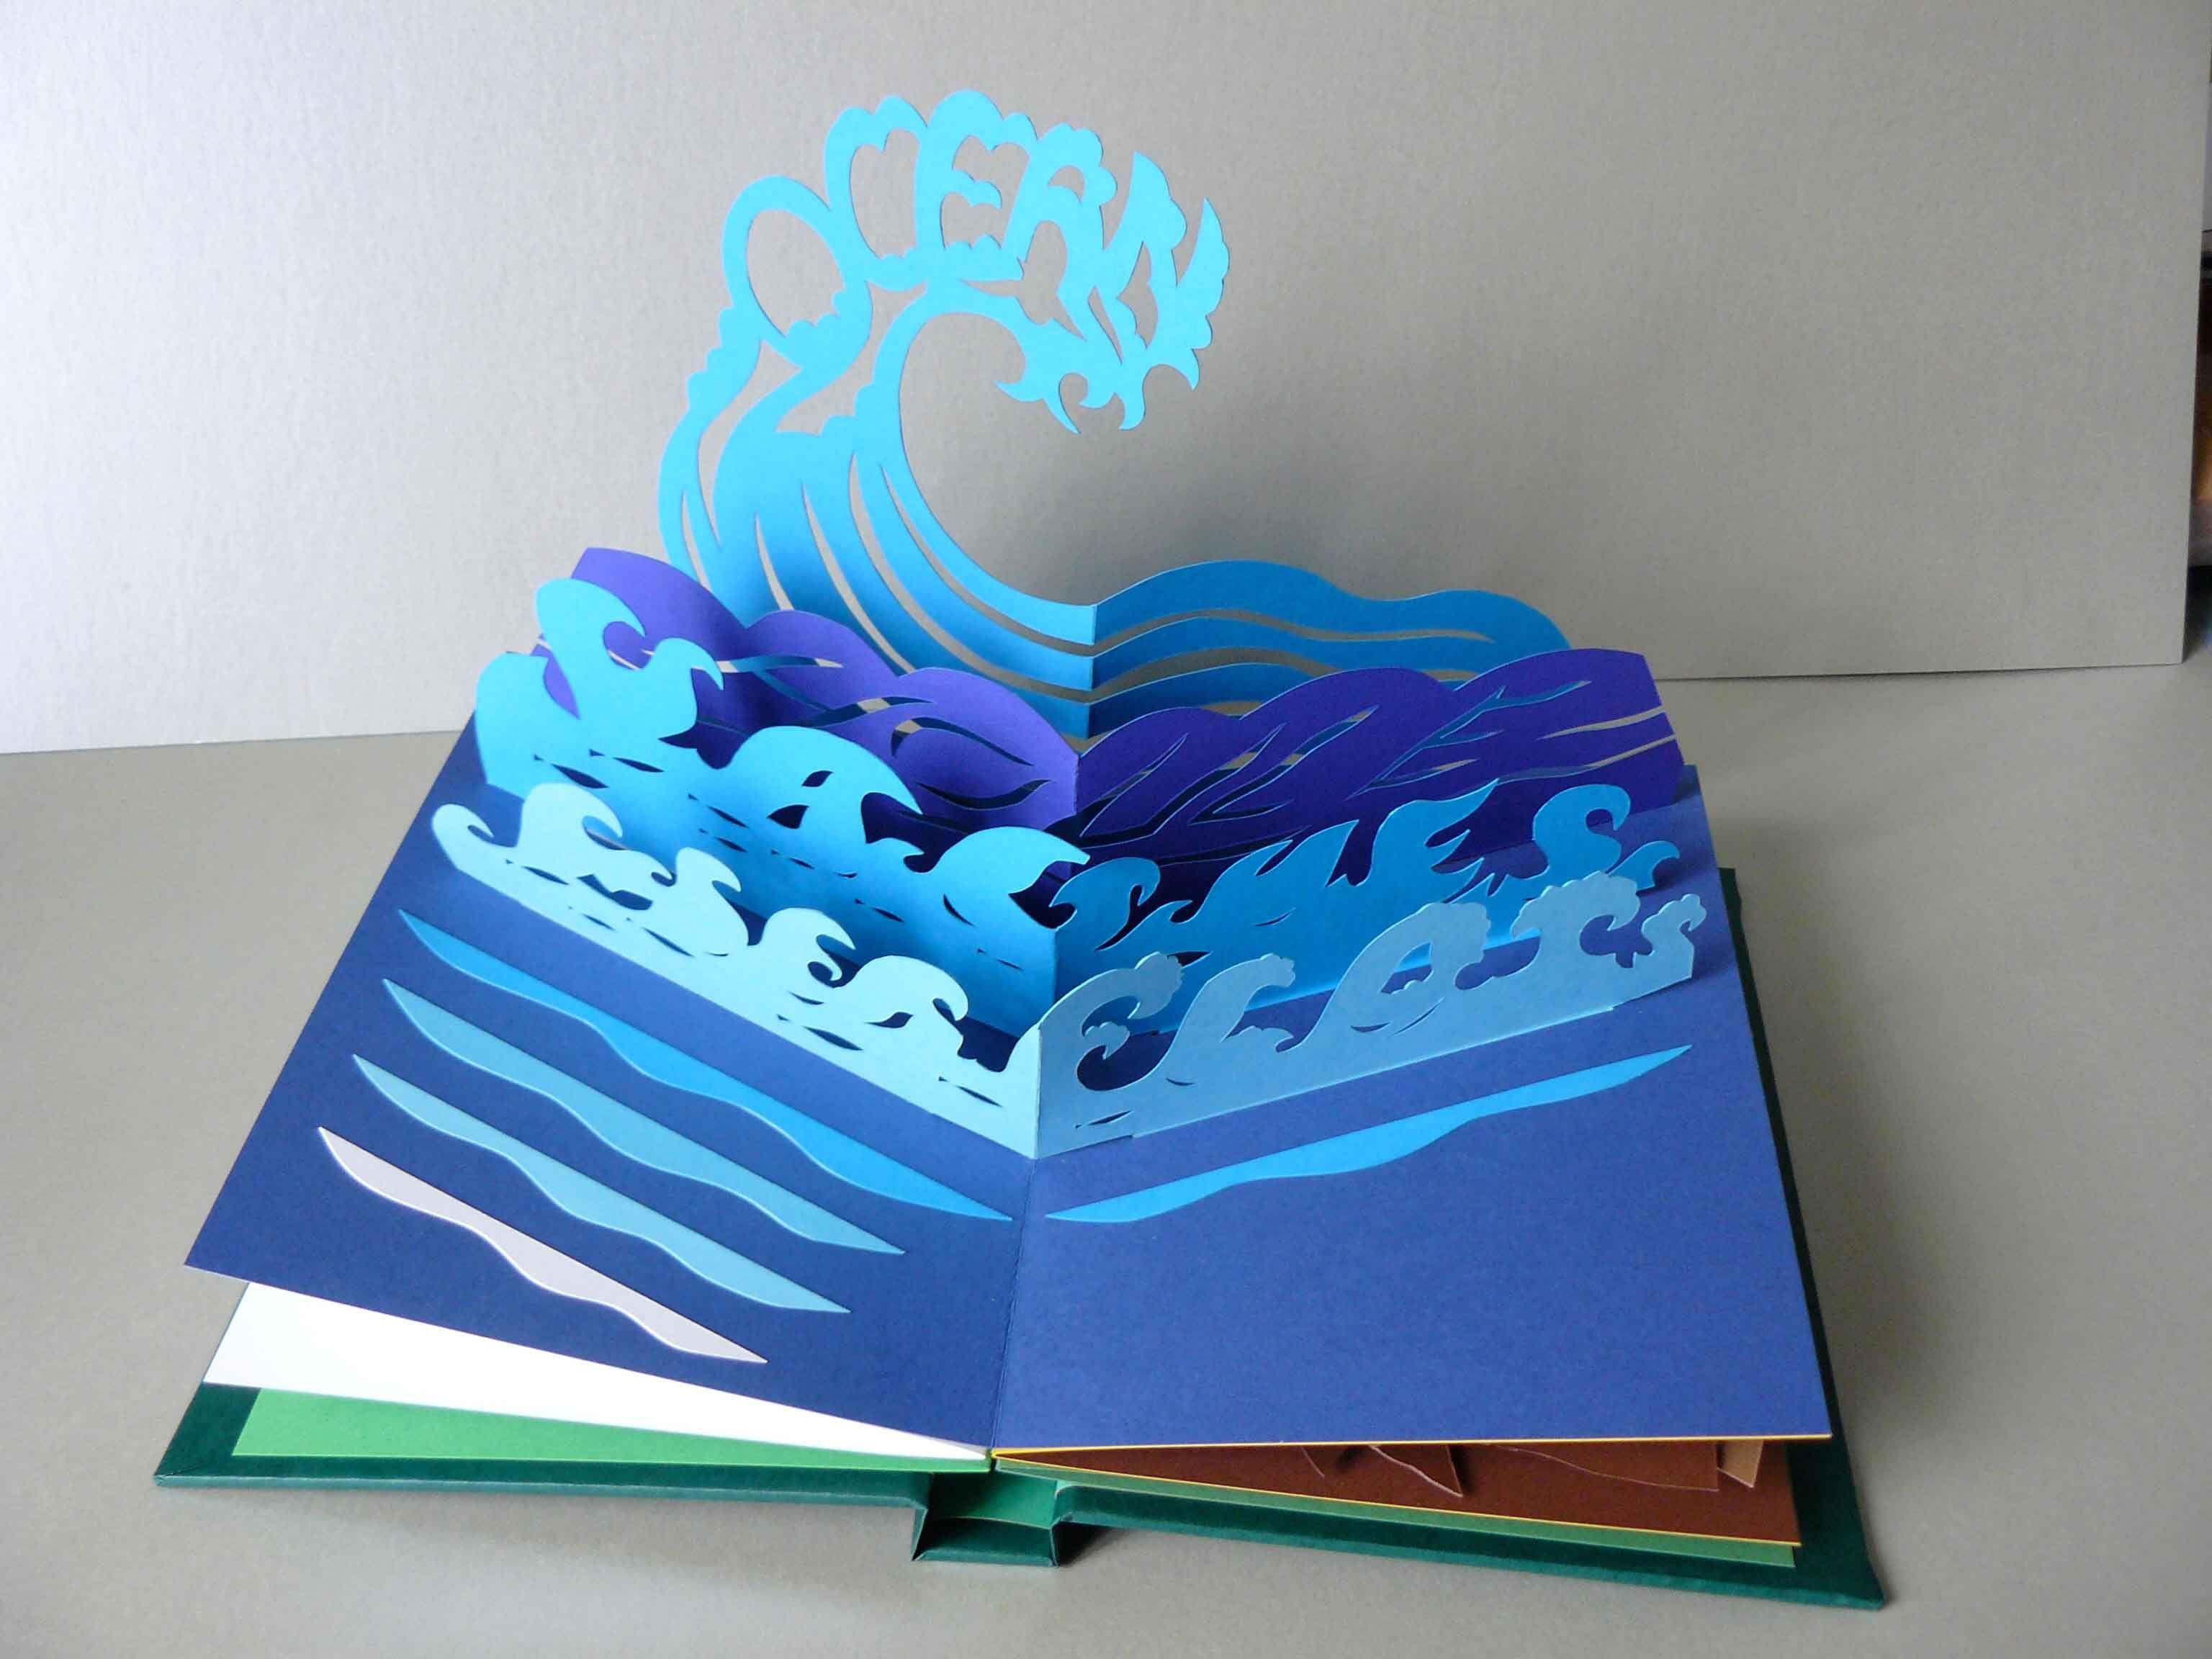 ug ditions livres de papier livres d 39 artistes pinterest dition livre et pop. Black Bedroom Furniture Sets. Home Design Ideas